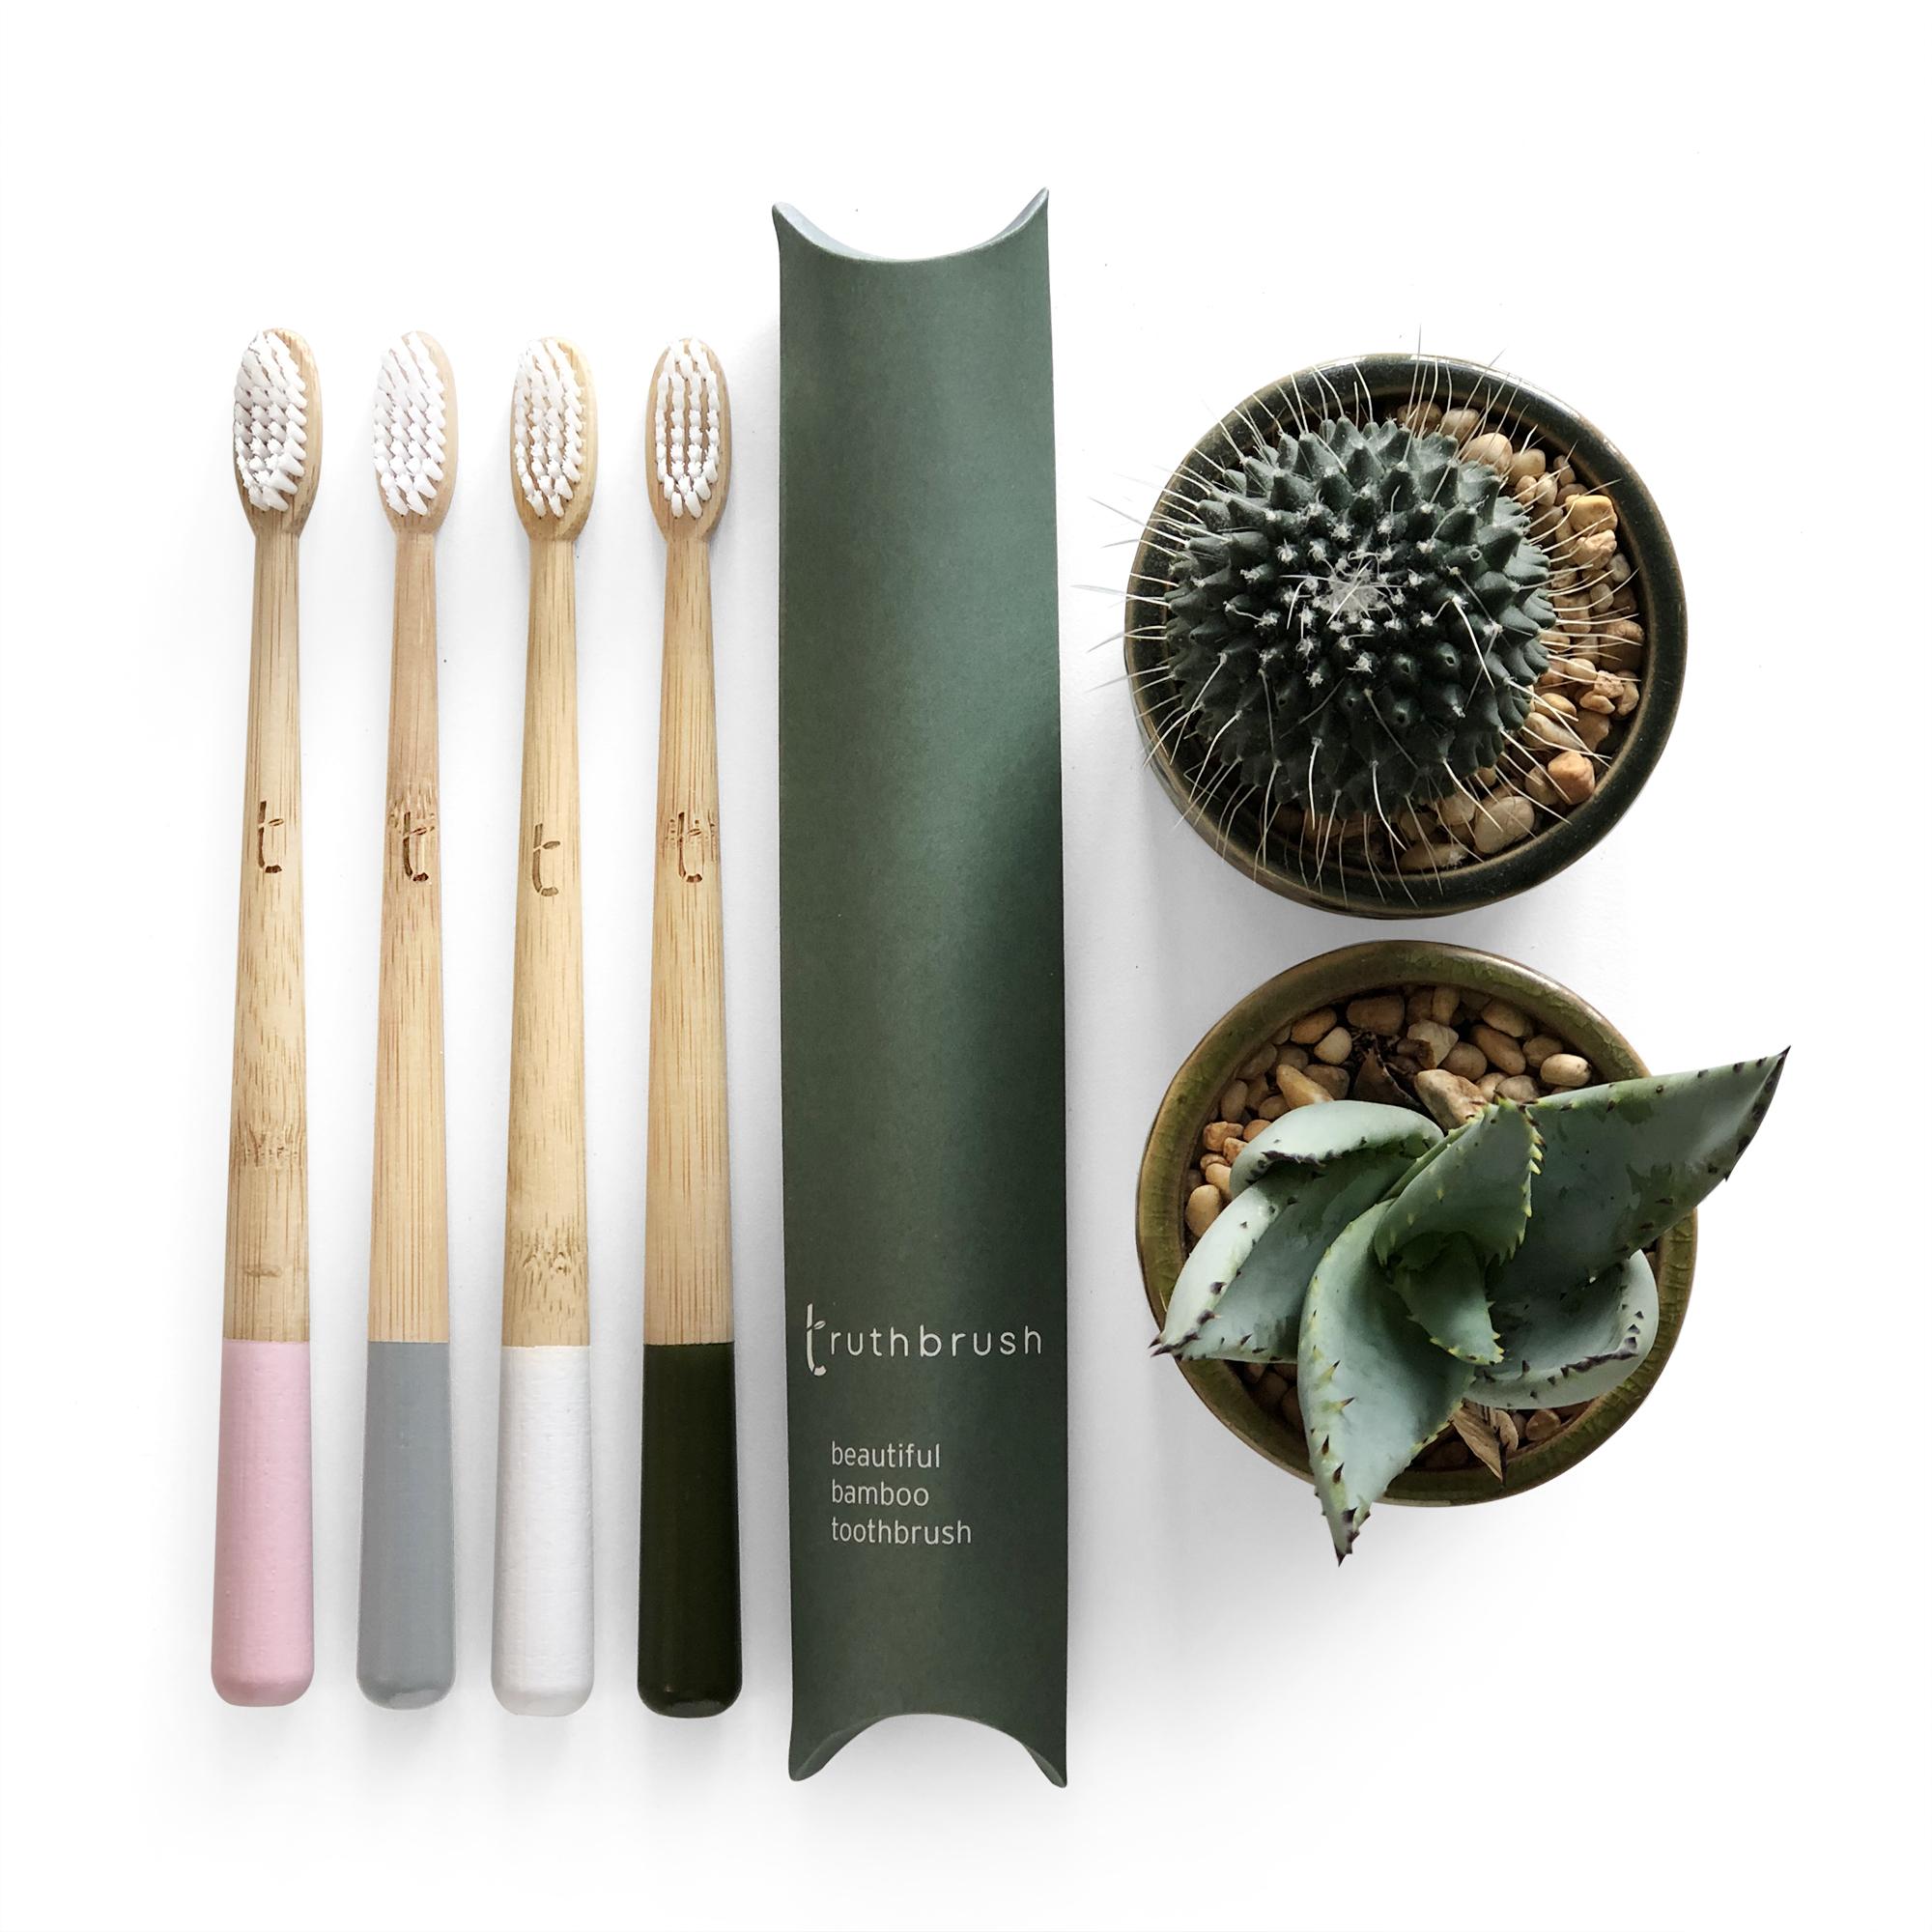 Truthbrush Bamboo Toothbrush Range